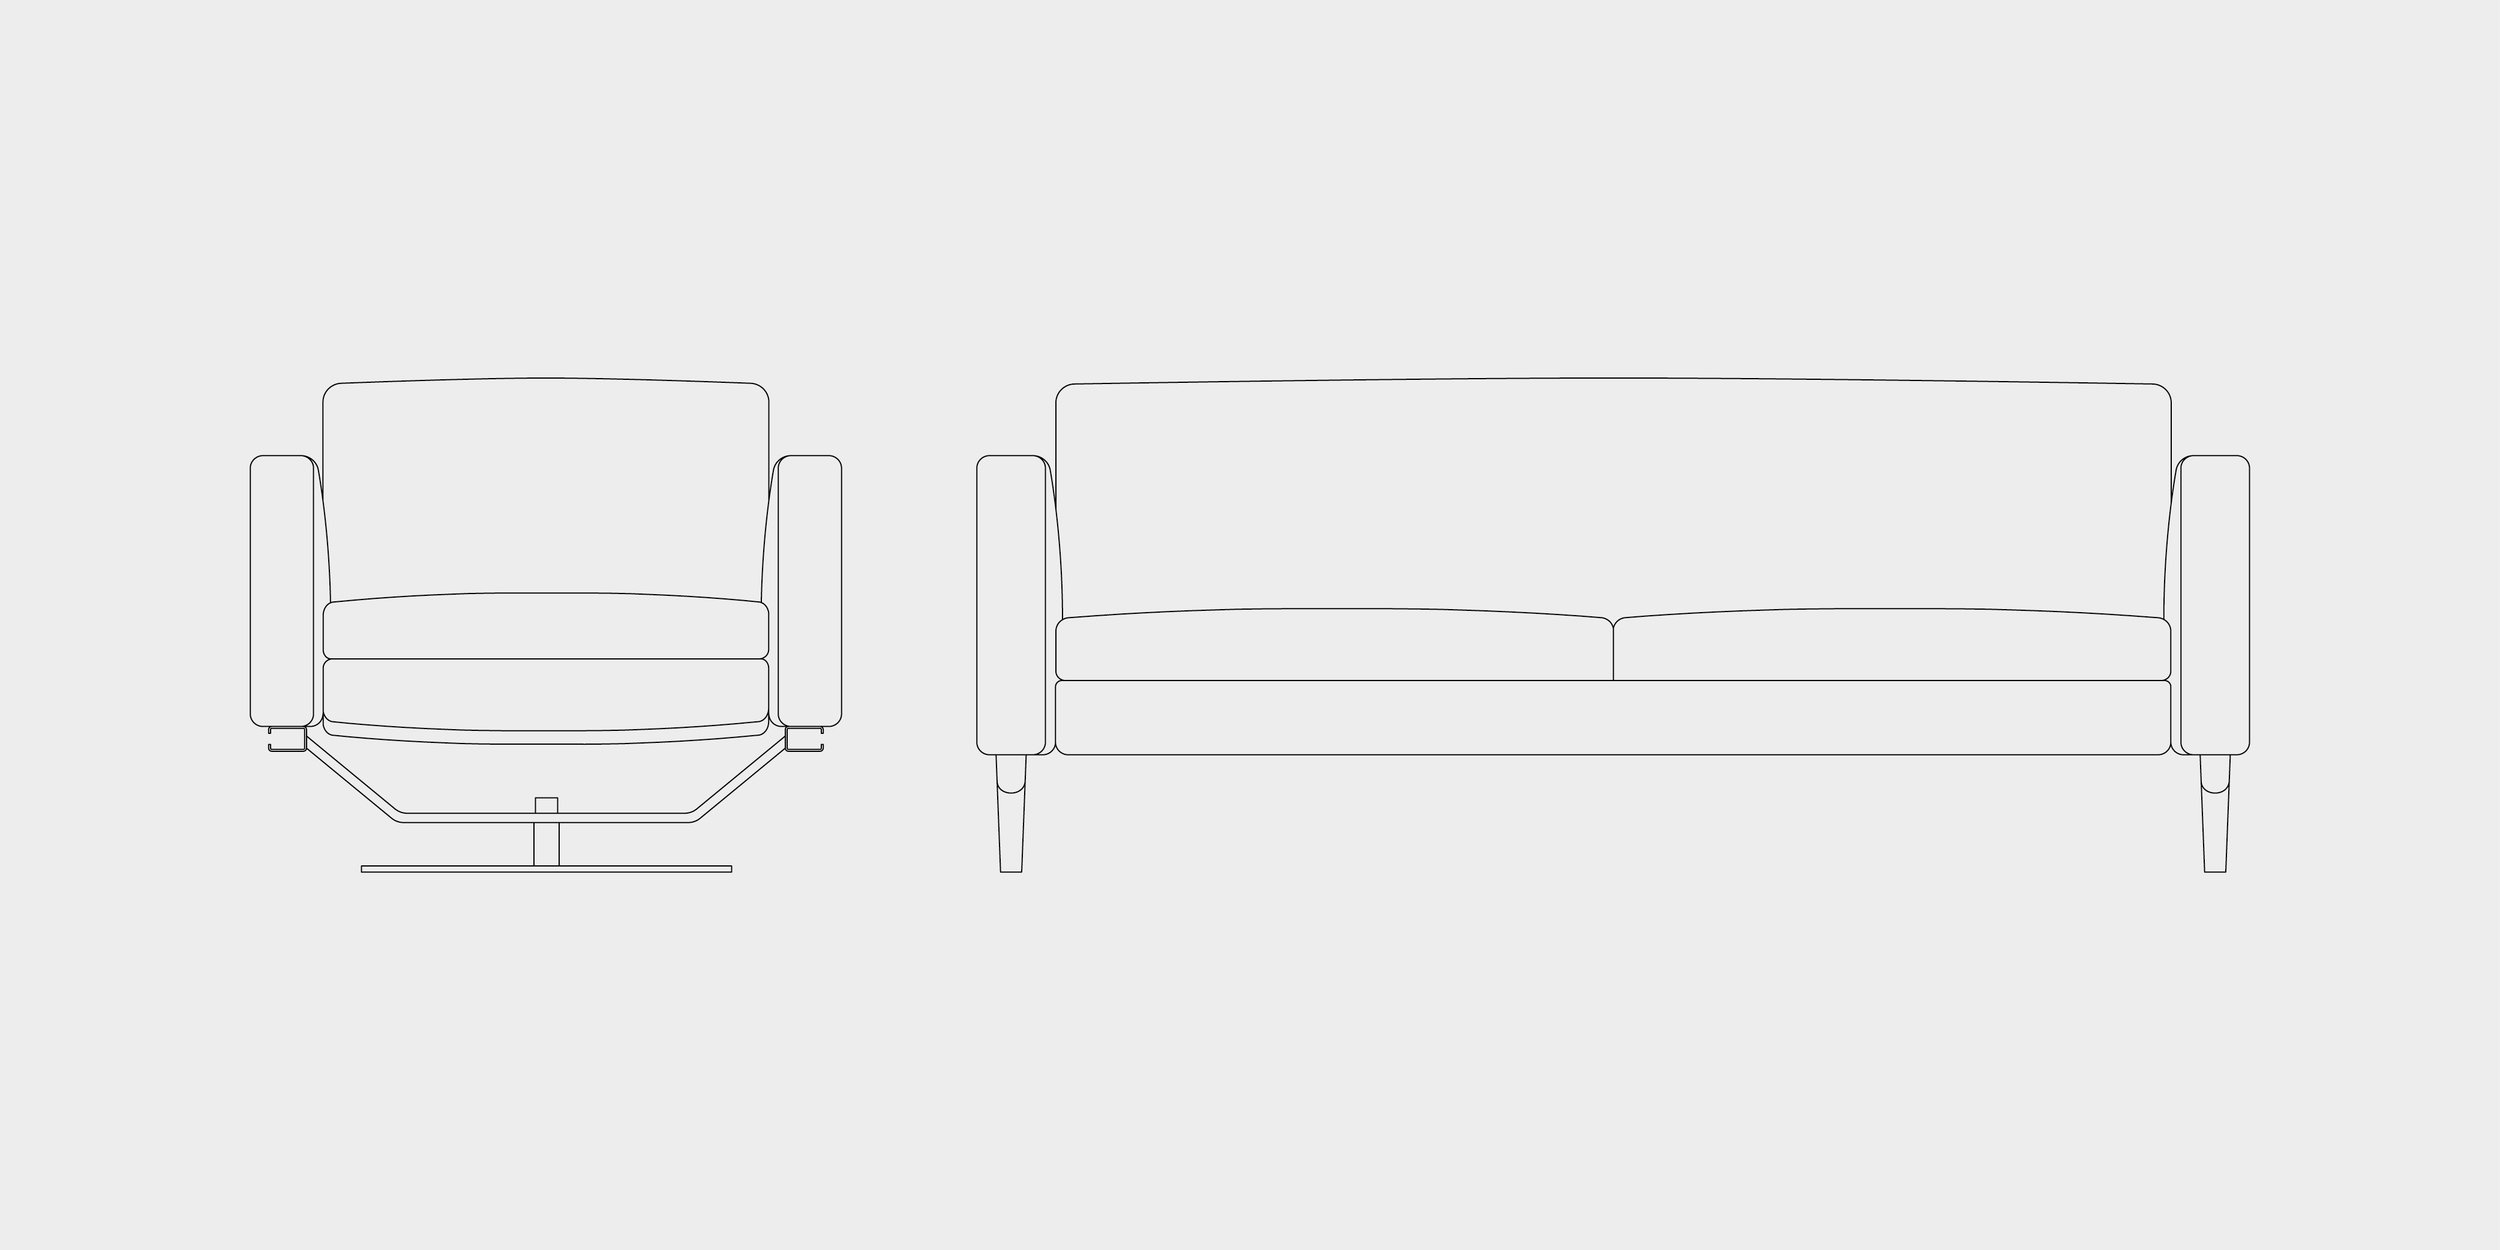 TUOI_Pause Drawing.jpg